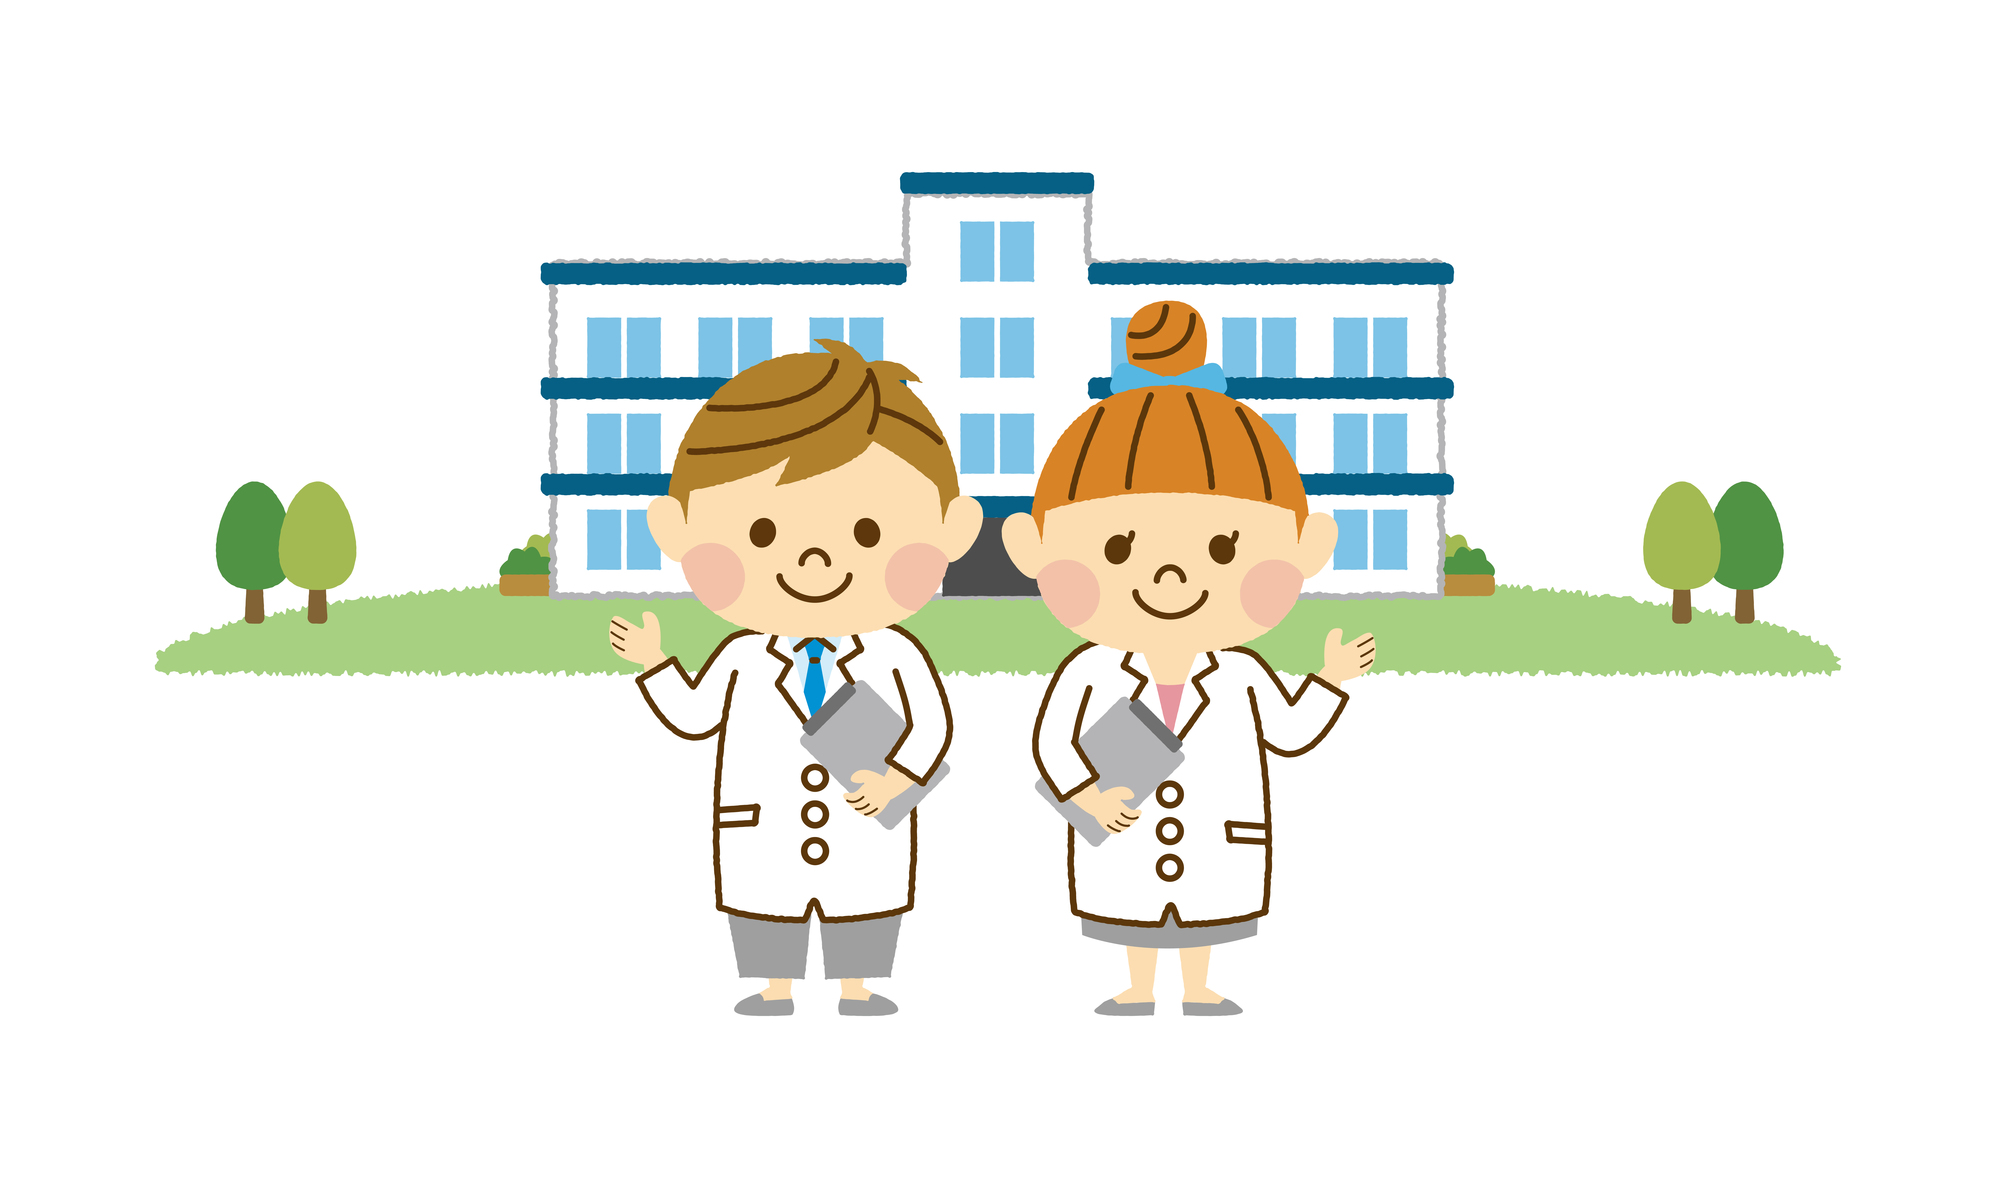 皮膚科はNG!?女性の薄毛・抜け毛治療は病院の何科で治療できる?